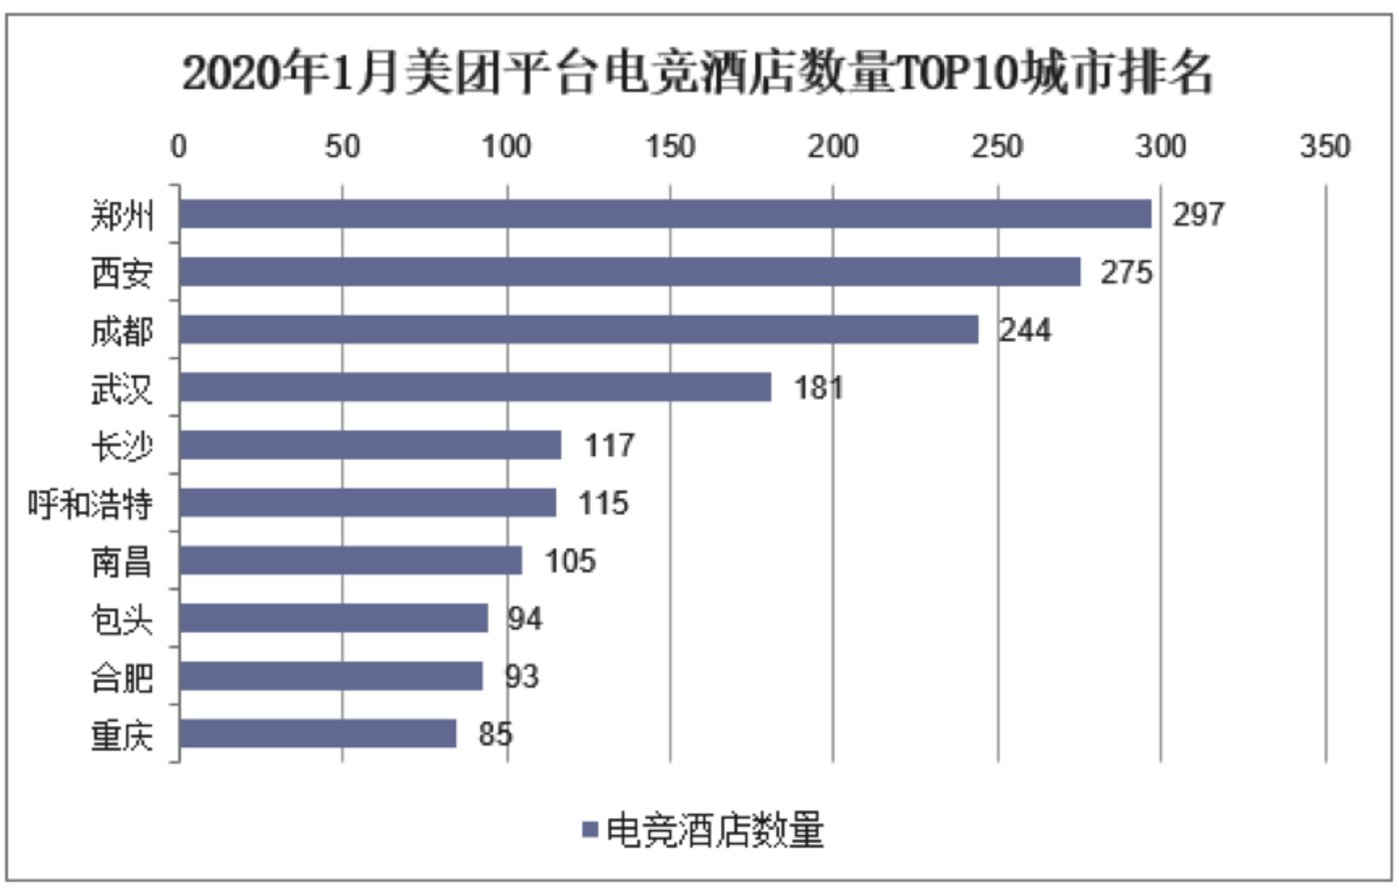 数据来源:华经产业研究院